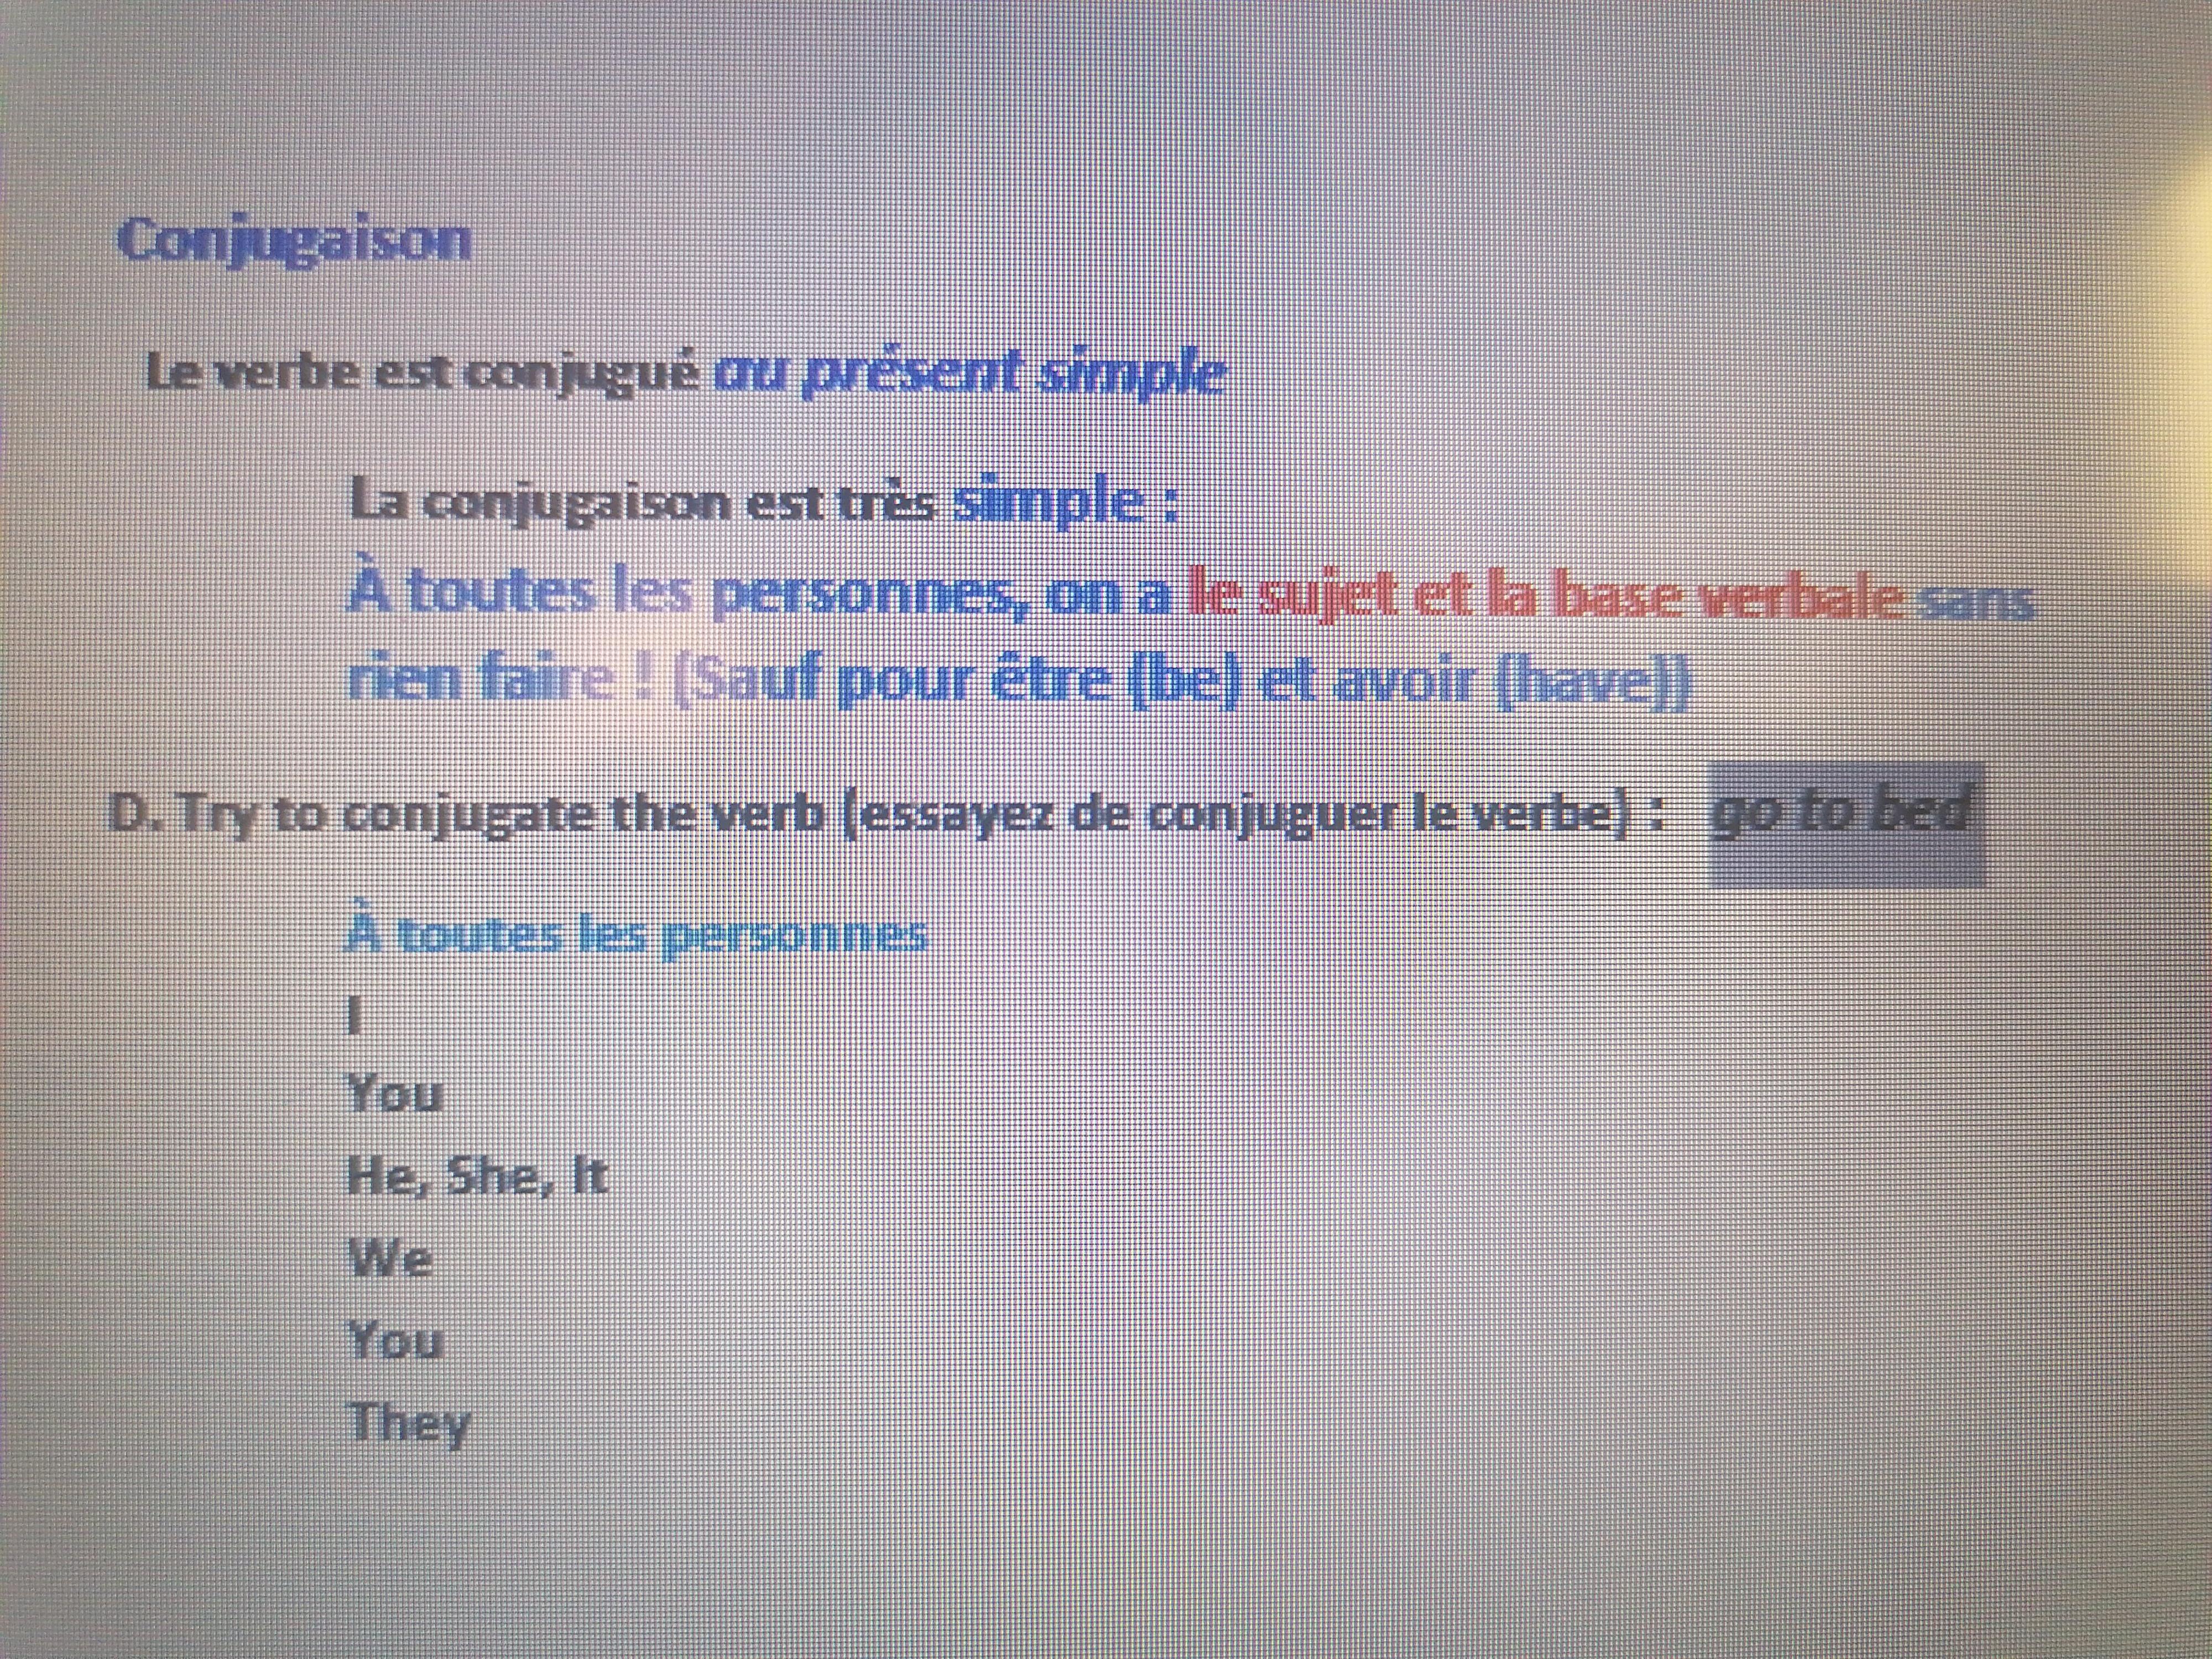 Bonjour J Ai Besoin D Aide En Anglais Conjugaison Le Verbe Est Conjugue Au Present Simple La Nosdevoirs Fr